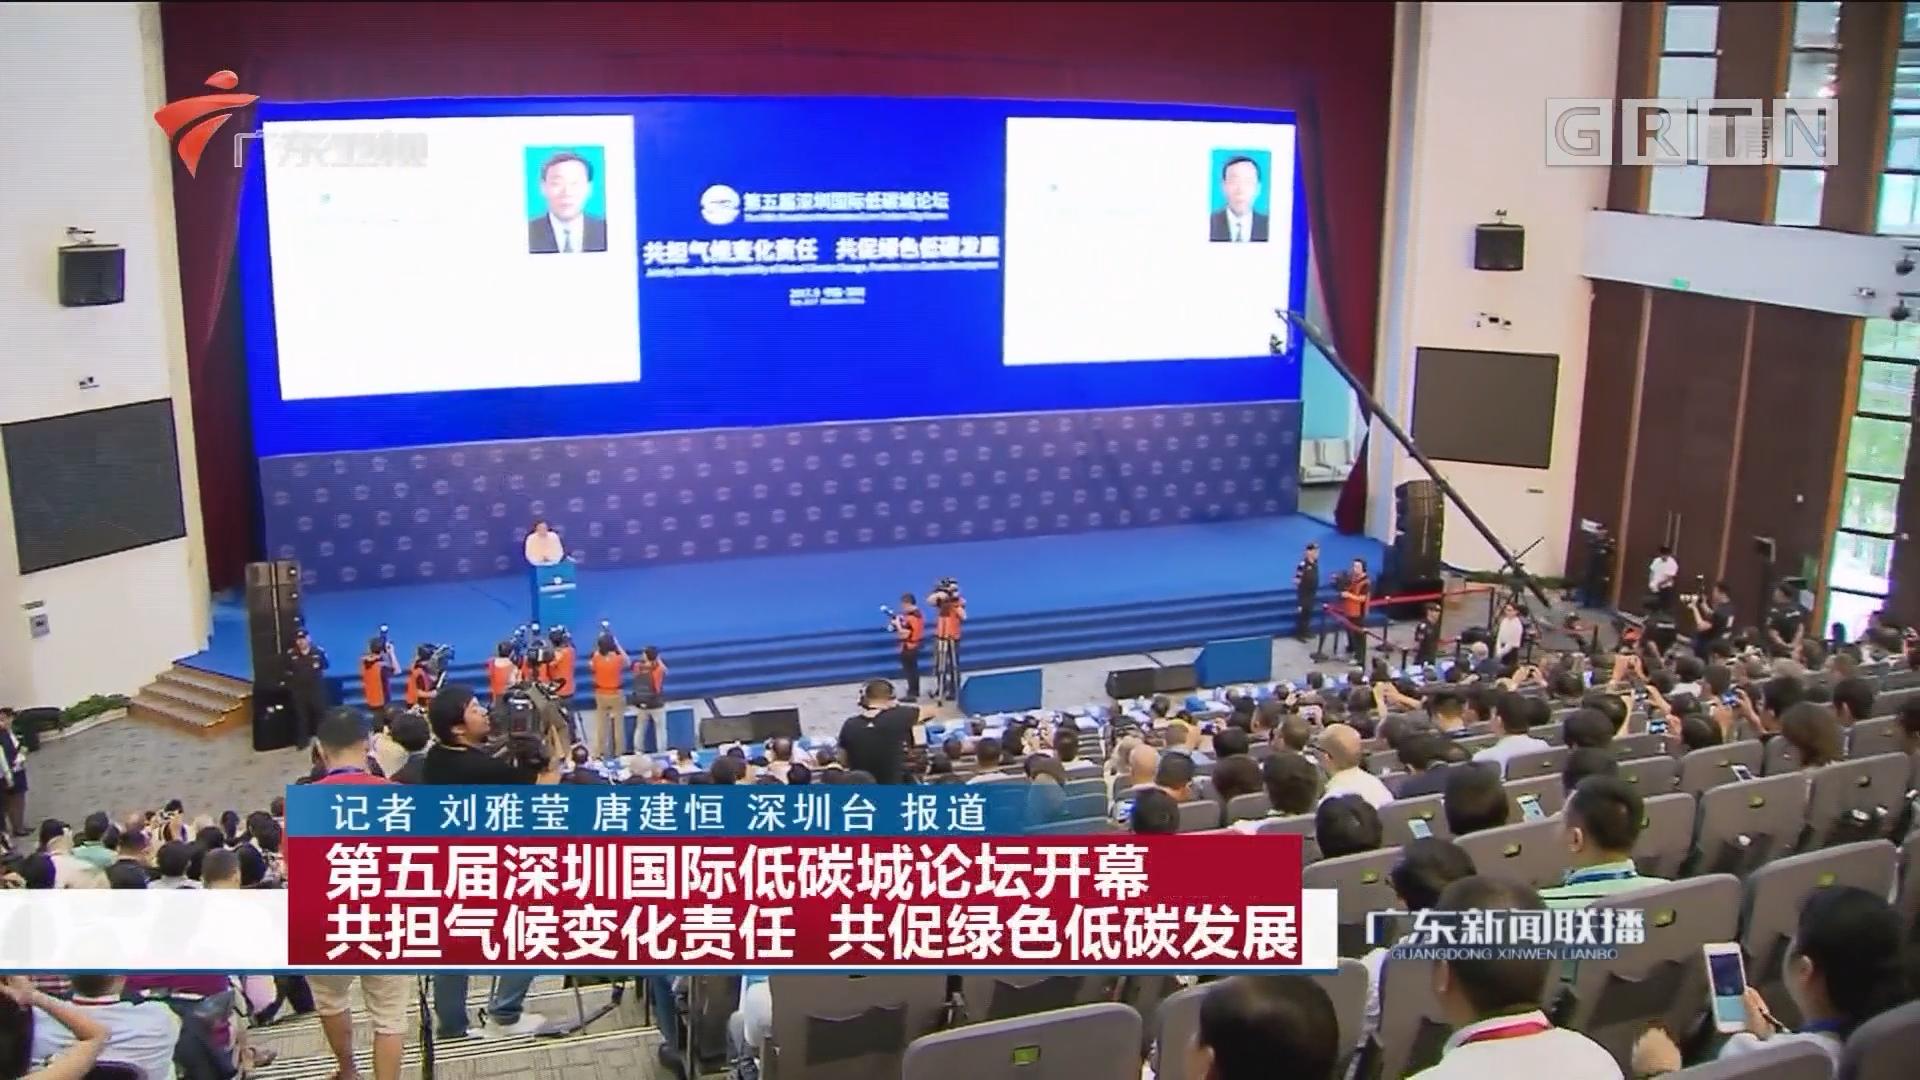 第五届深圳国际低碳城论坛开幕 共担气候变化责任 共促绿色低碳发展